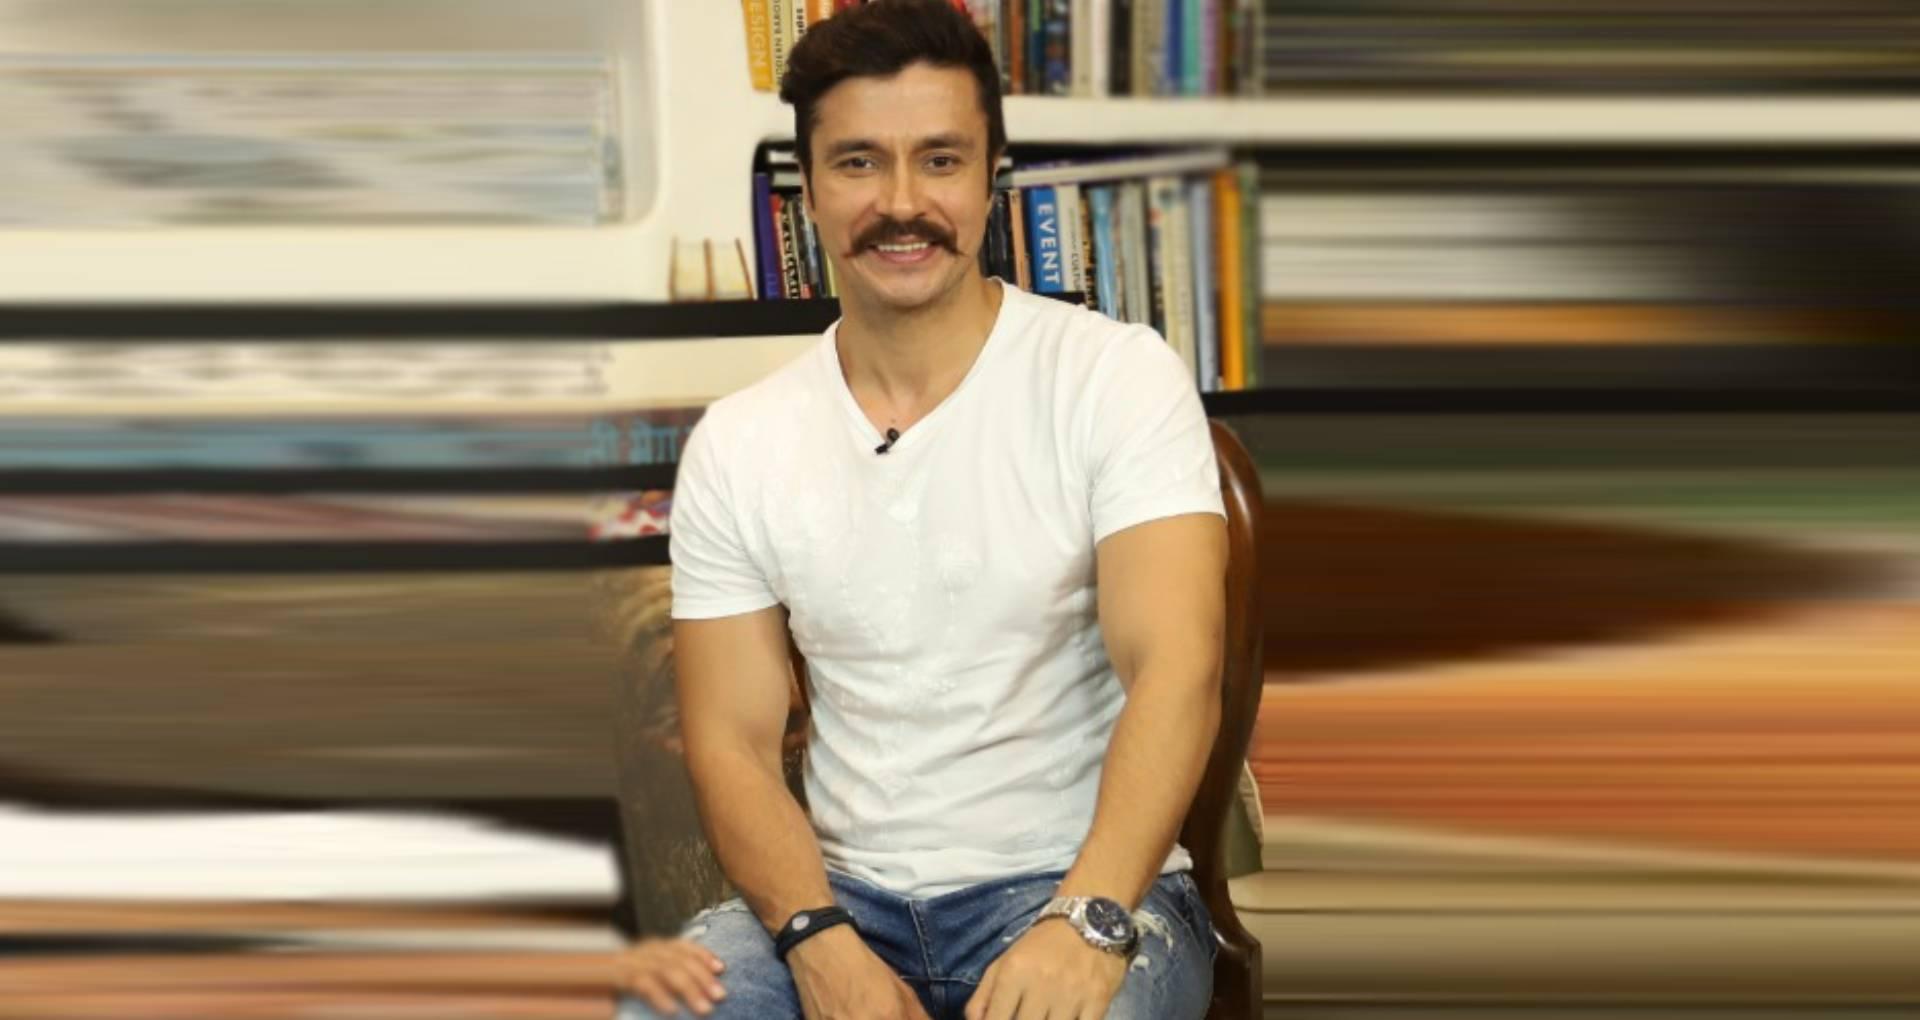 एक्सक्लूसिव: 'पीएम नरेंद्र मोदी' में जर्नलिस्ट का रोल कर रहे हैं दर्शन कुमार, कहा- आसान नहीं पत्रकारिता करना